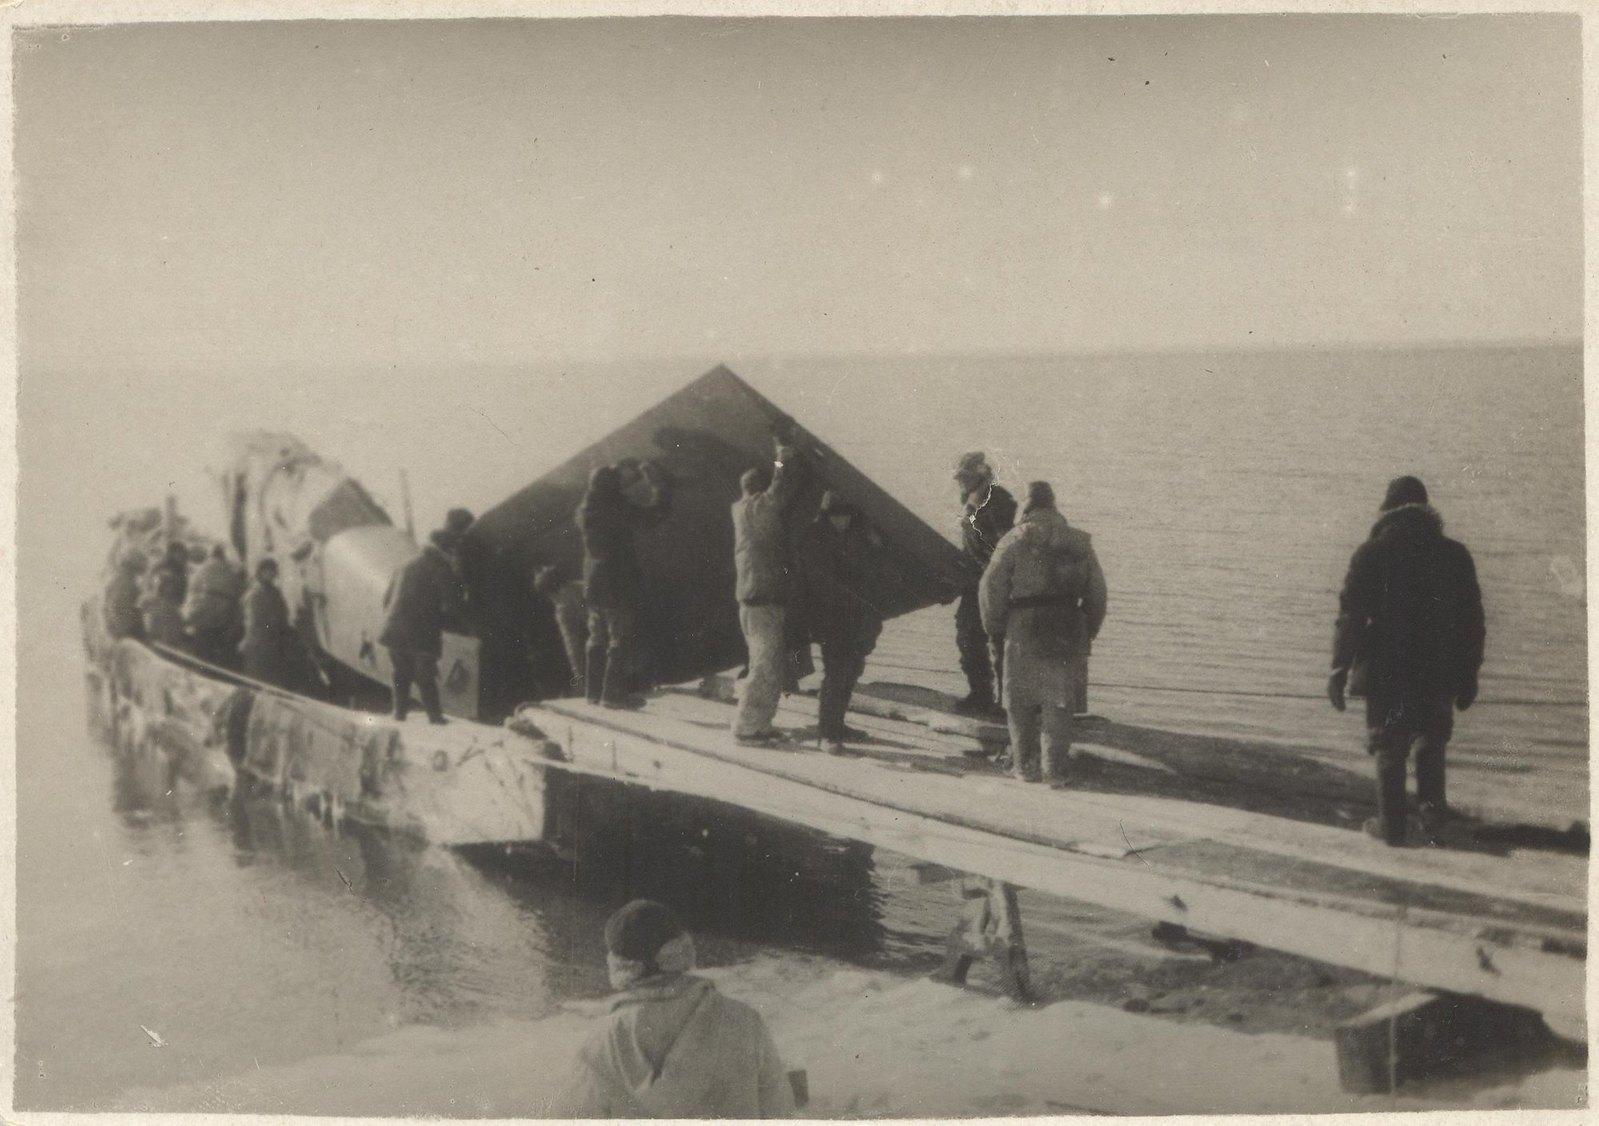 1934. Экспедиция по спасению челюскинцев. Выгрузка сборных частей самолета